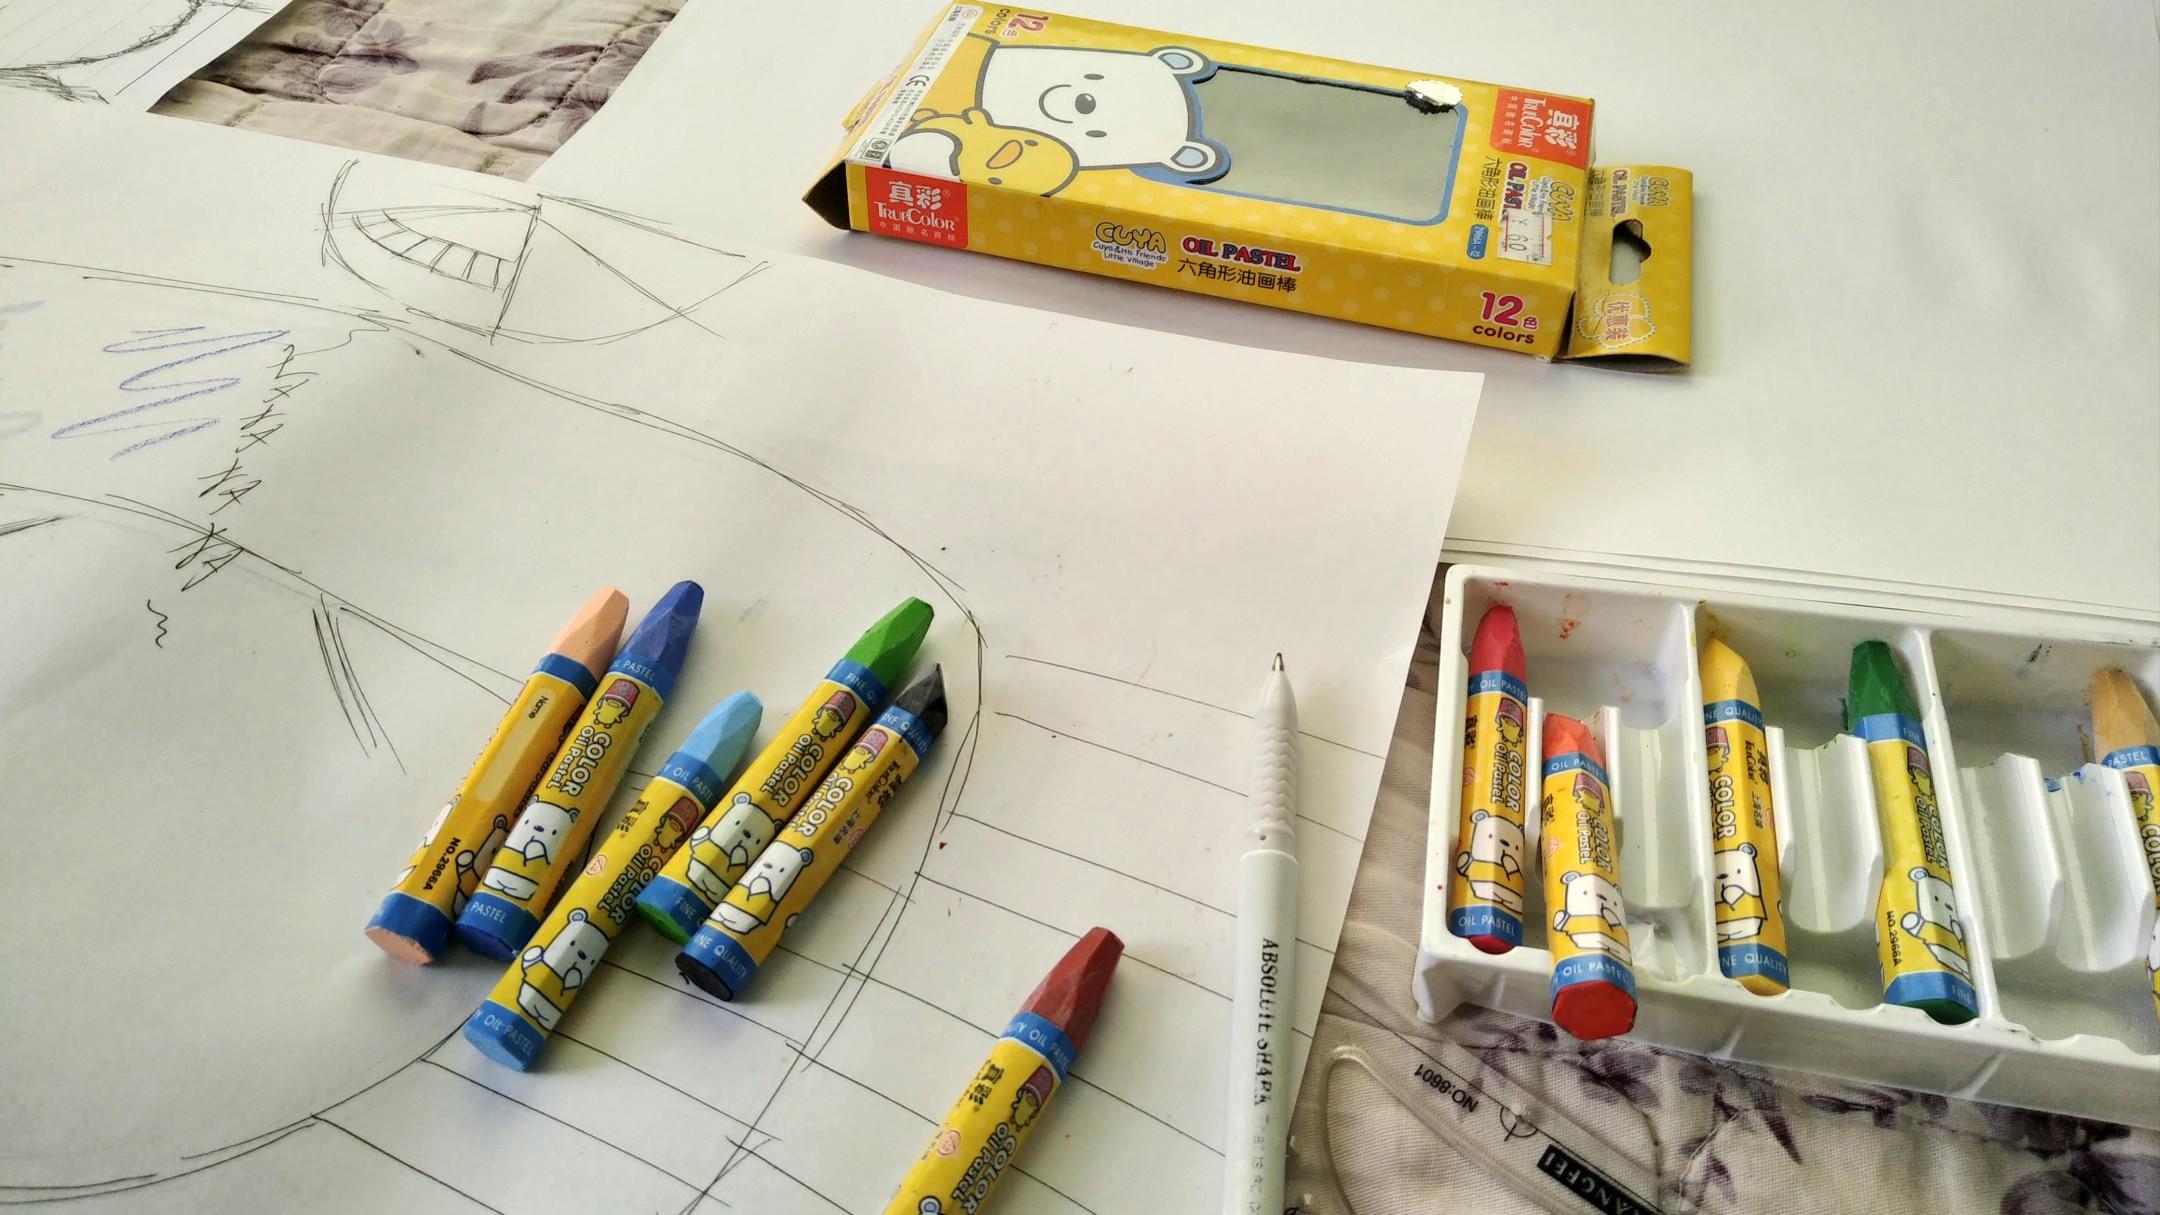 用老爸给孩时(初中?)我买的蜡笔画了幅画——